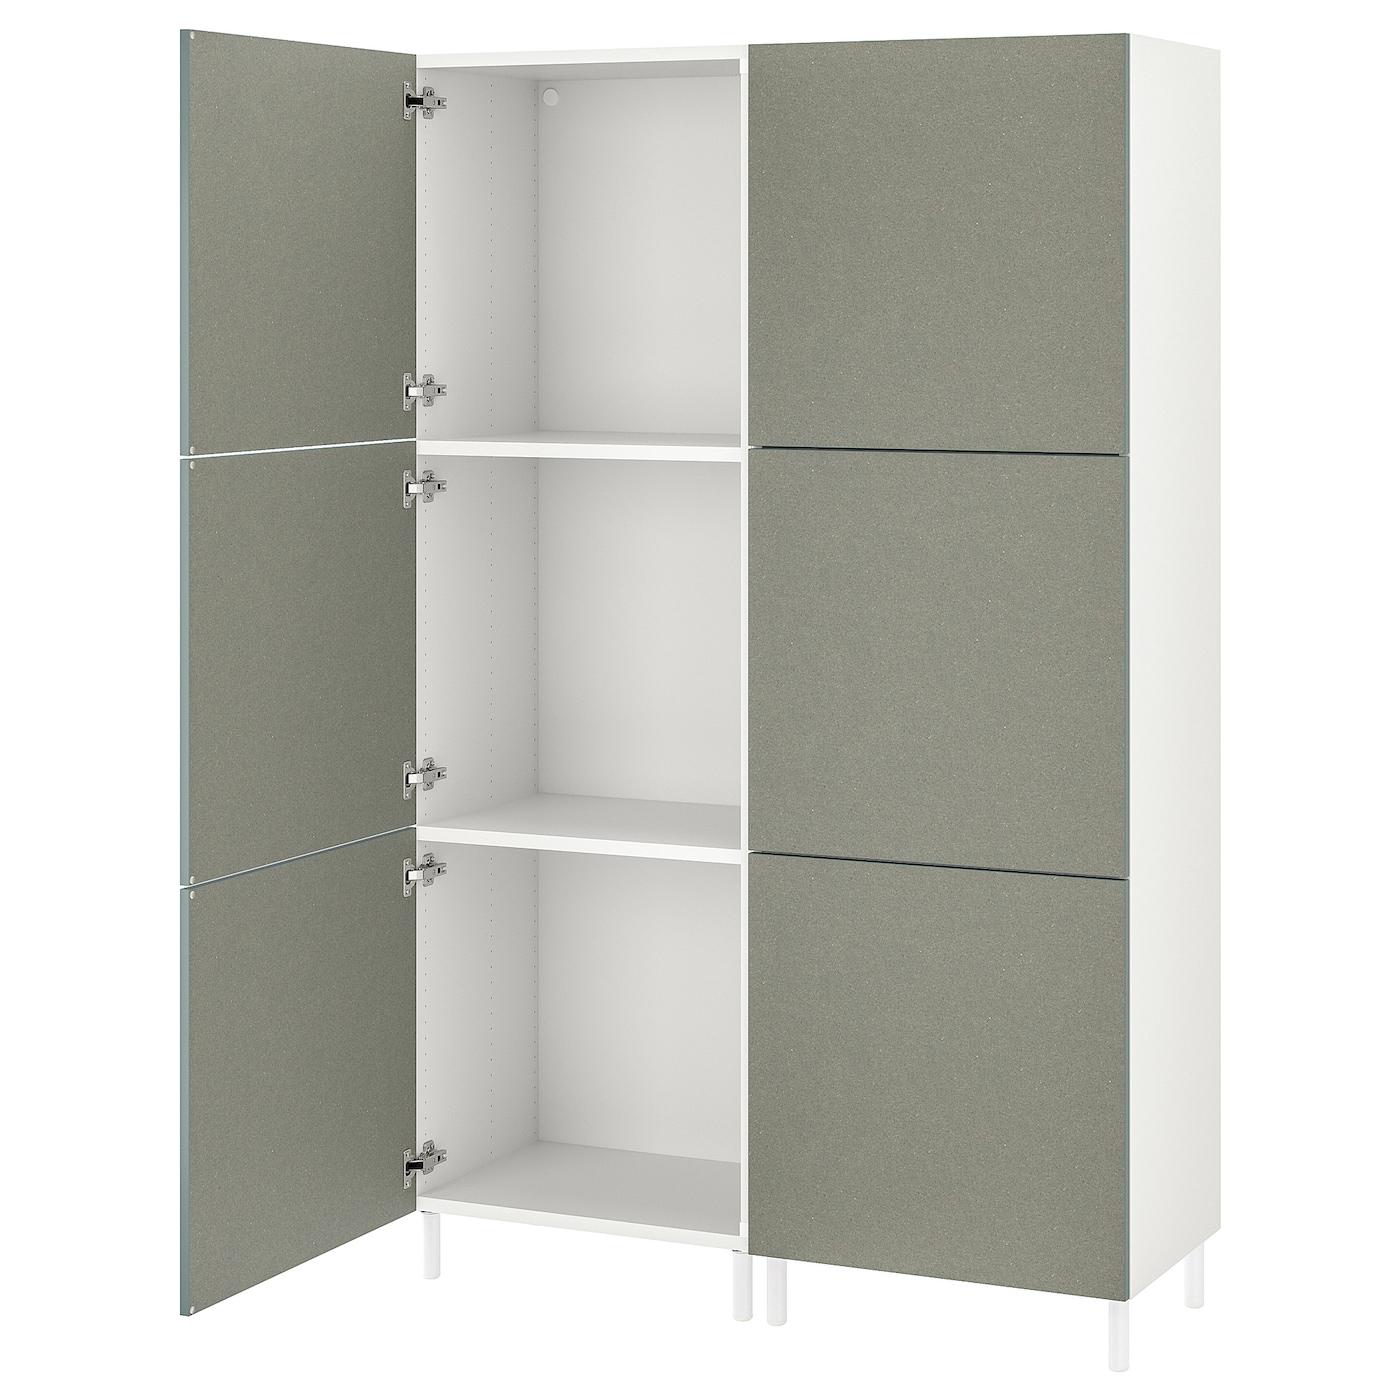 PLATSA Kleiderschrank mit 6 türen - weiß/Klubbukt graugrün ...